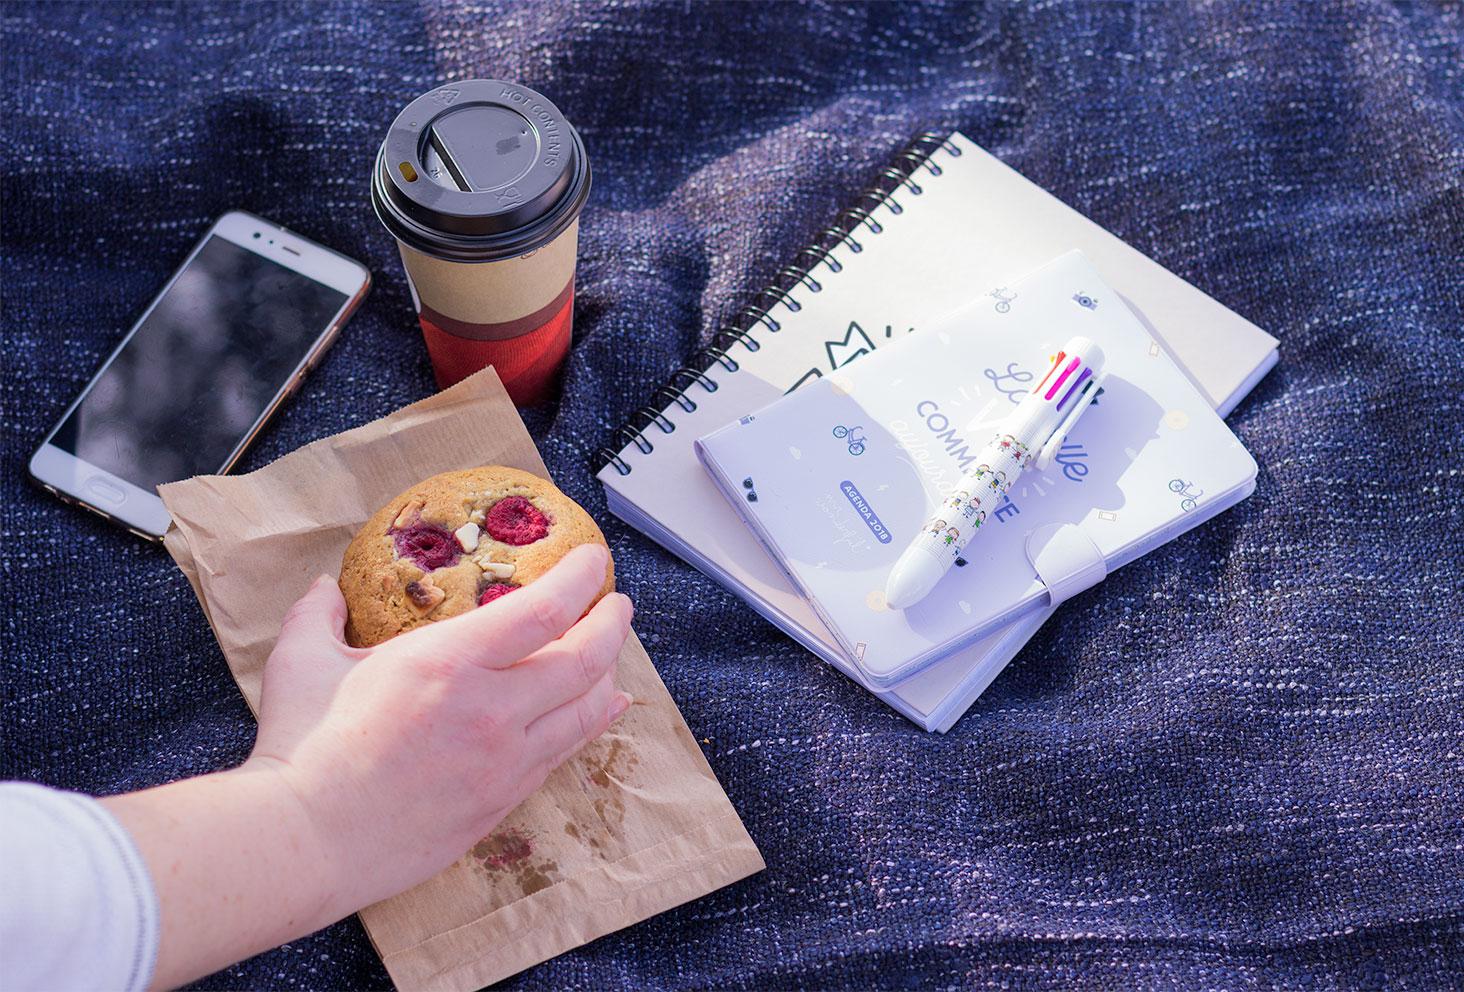 La panoplie nécessaire au premier bilan de formation : l'agenda, le carnet, le crayon, le téléphone, le cookie et le café, sur un plaid gris chiné